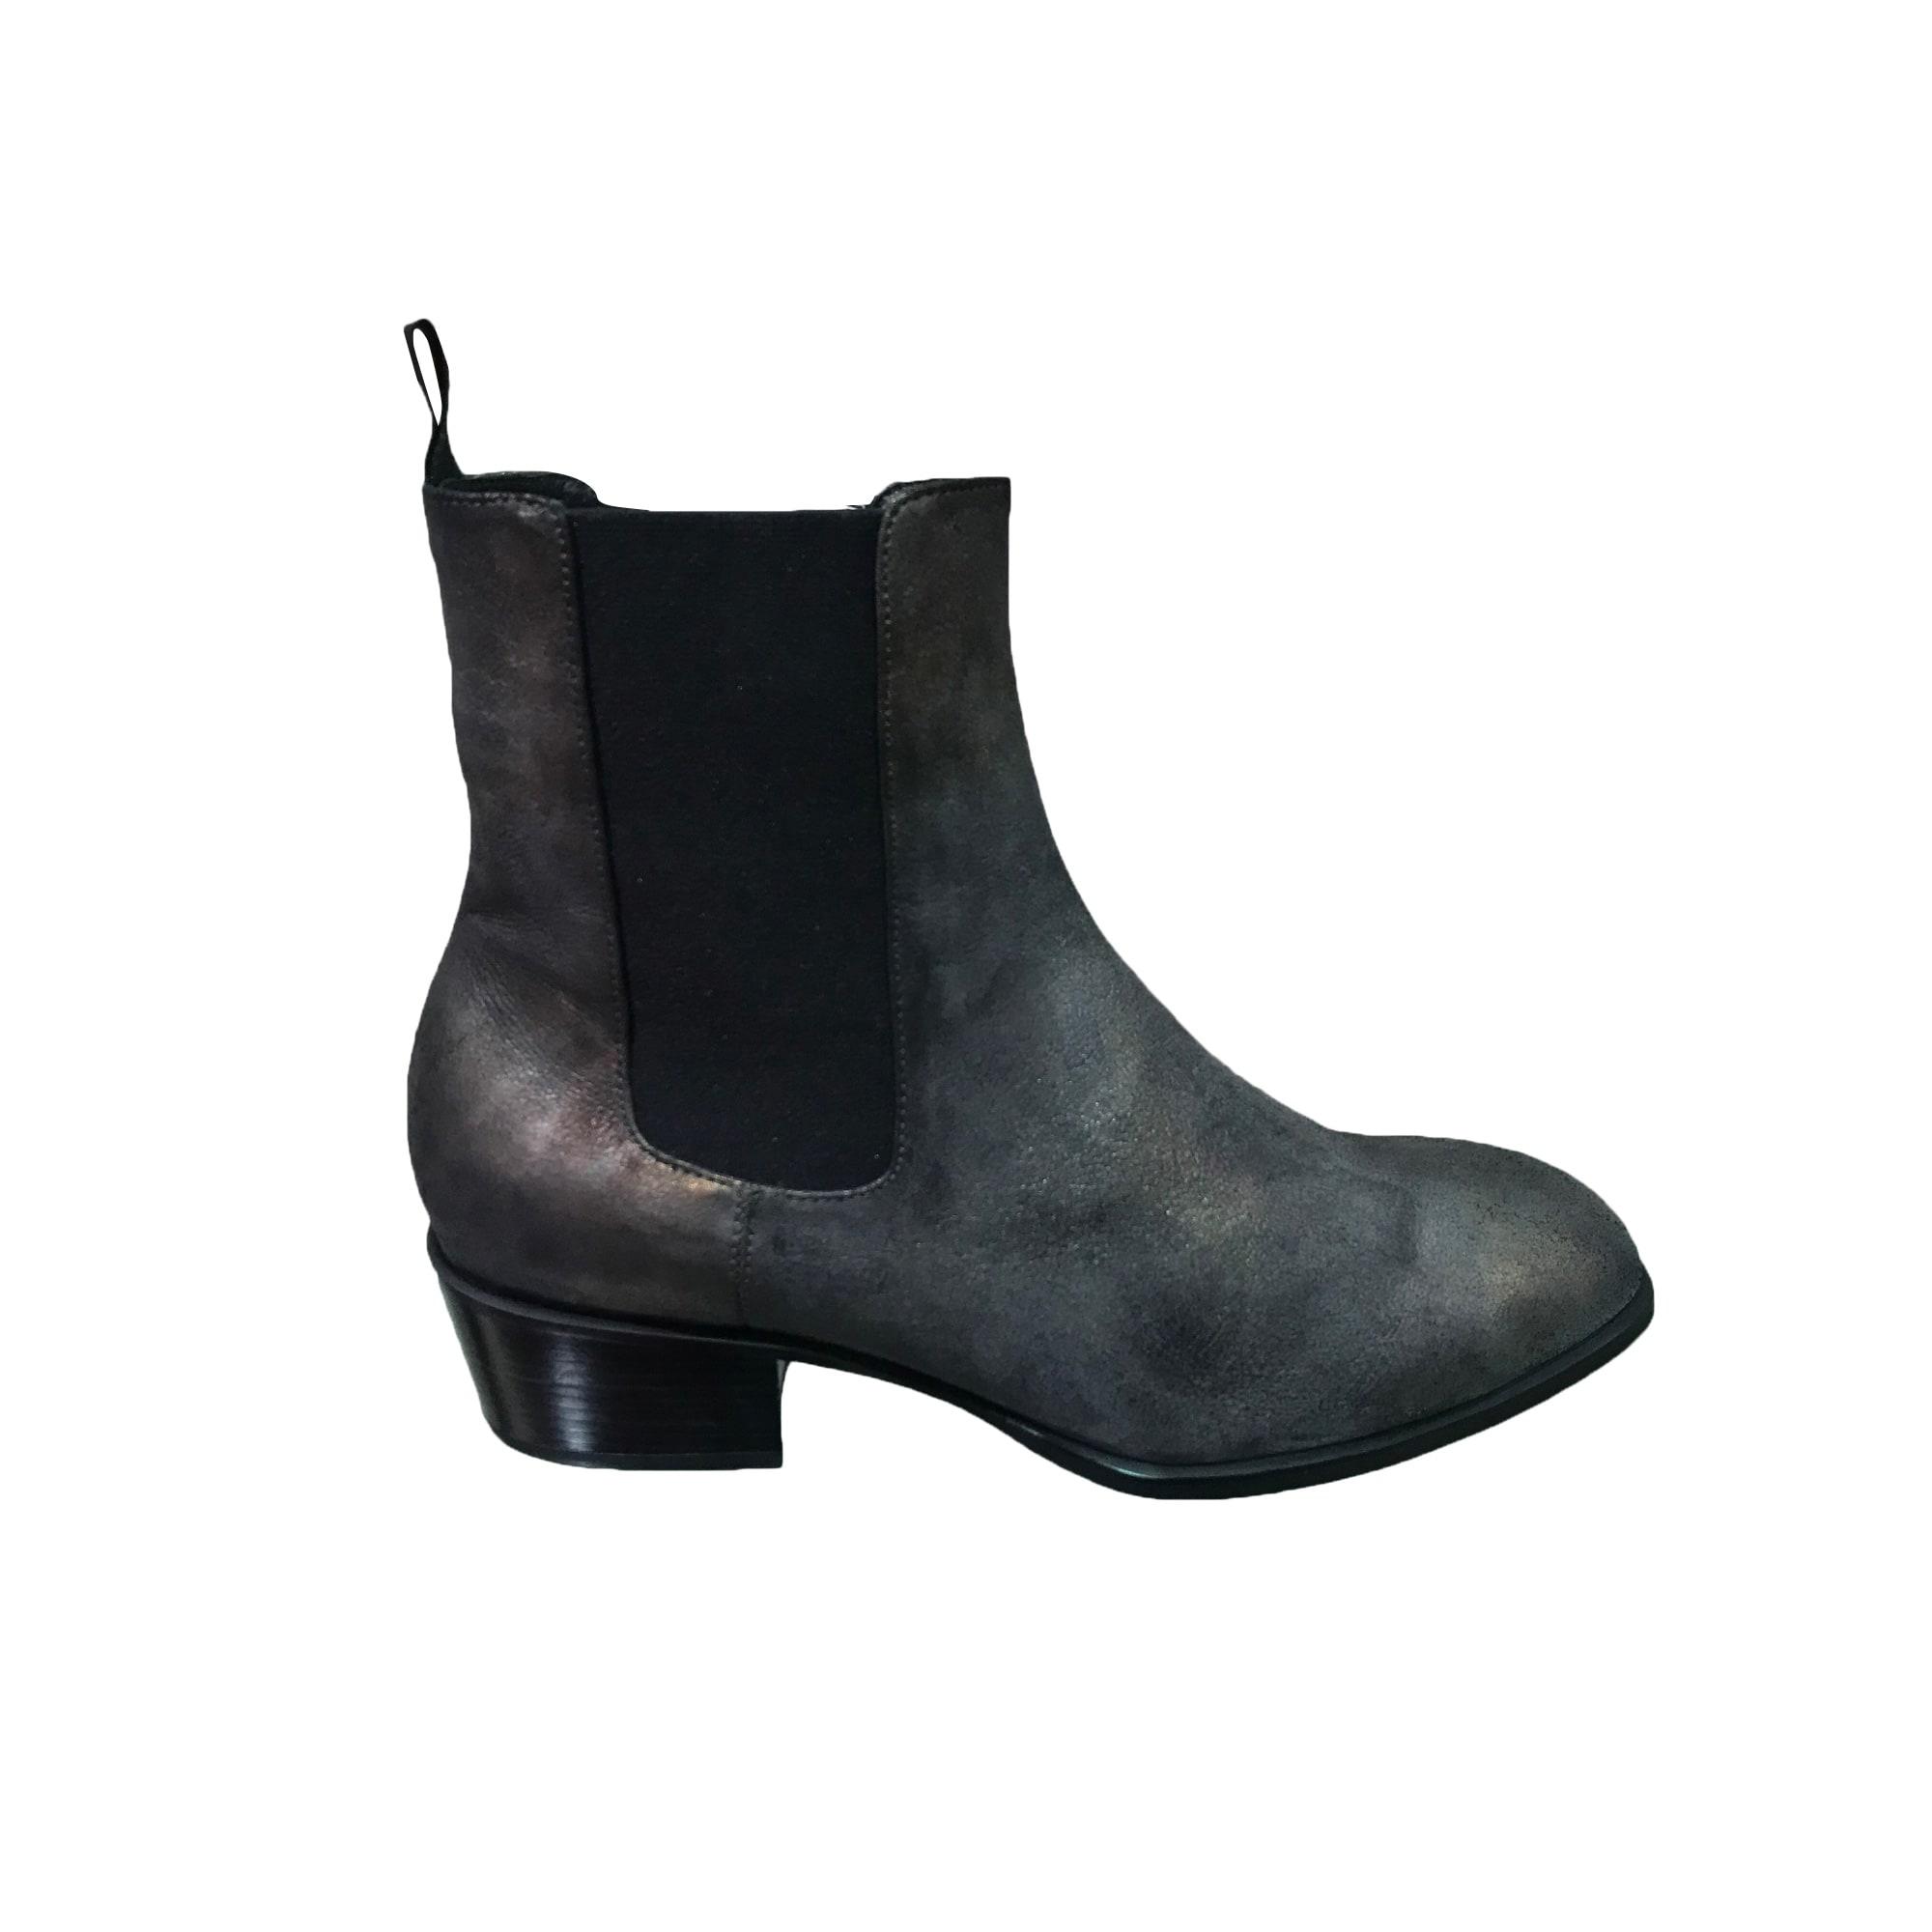 Bottines & low boots à talons LOLA CRUZ Doré, bronze, cuivre